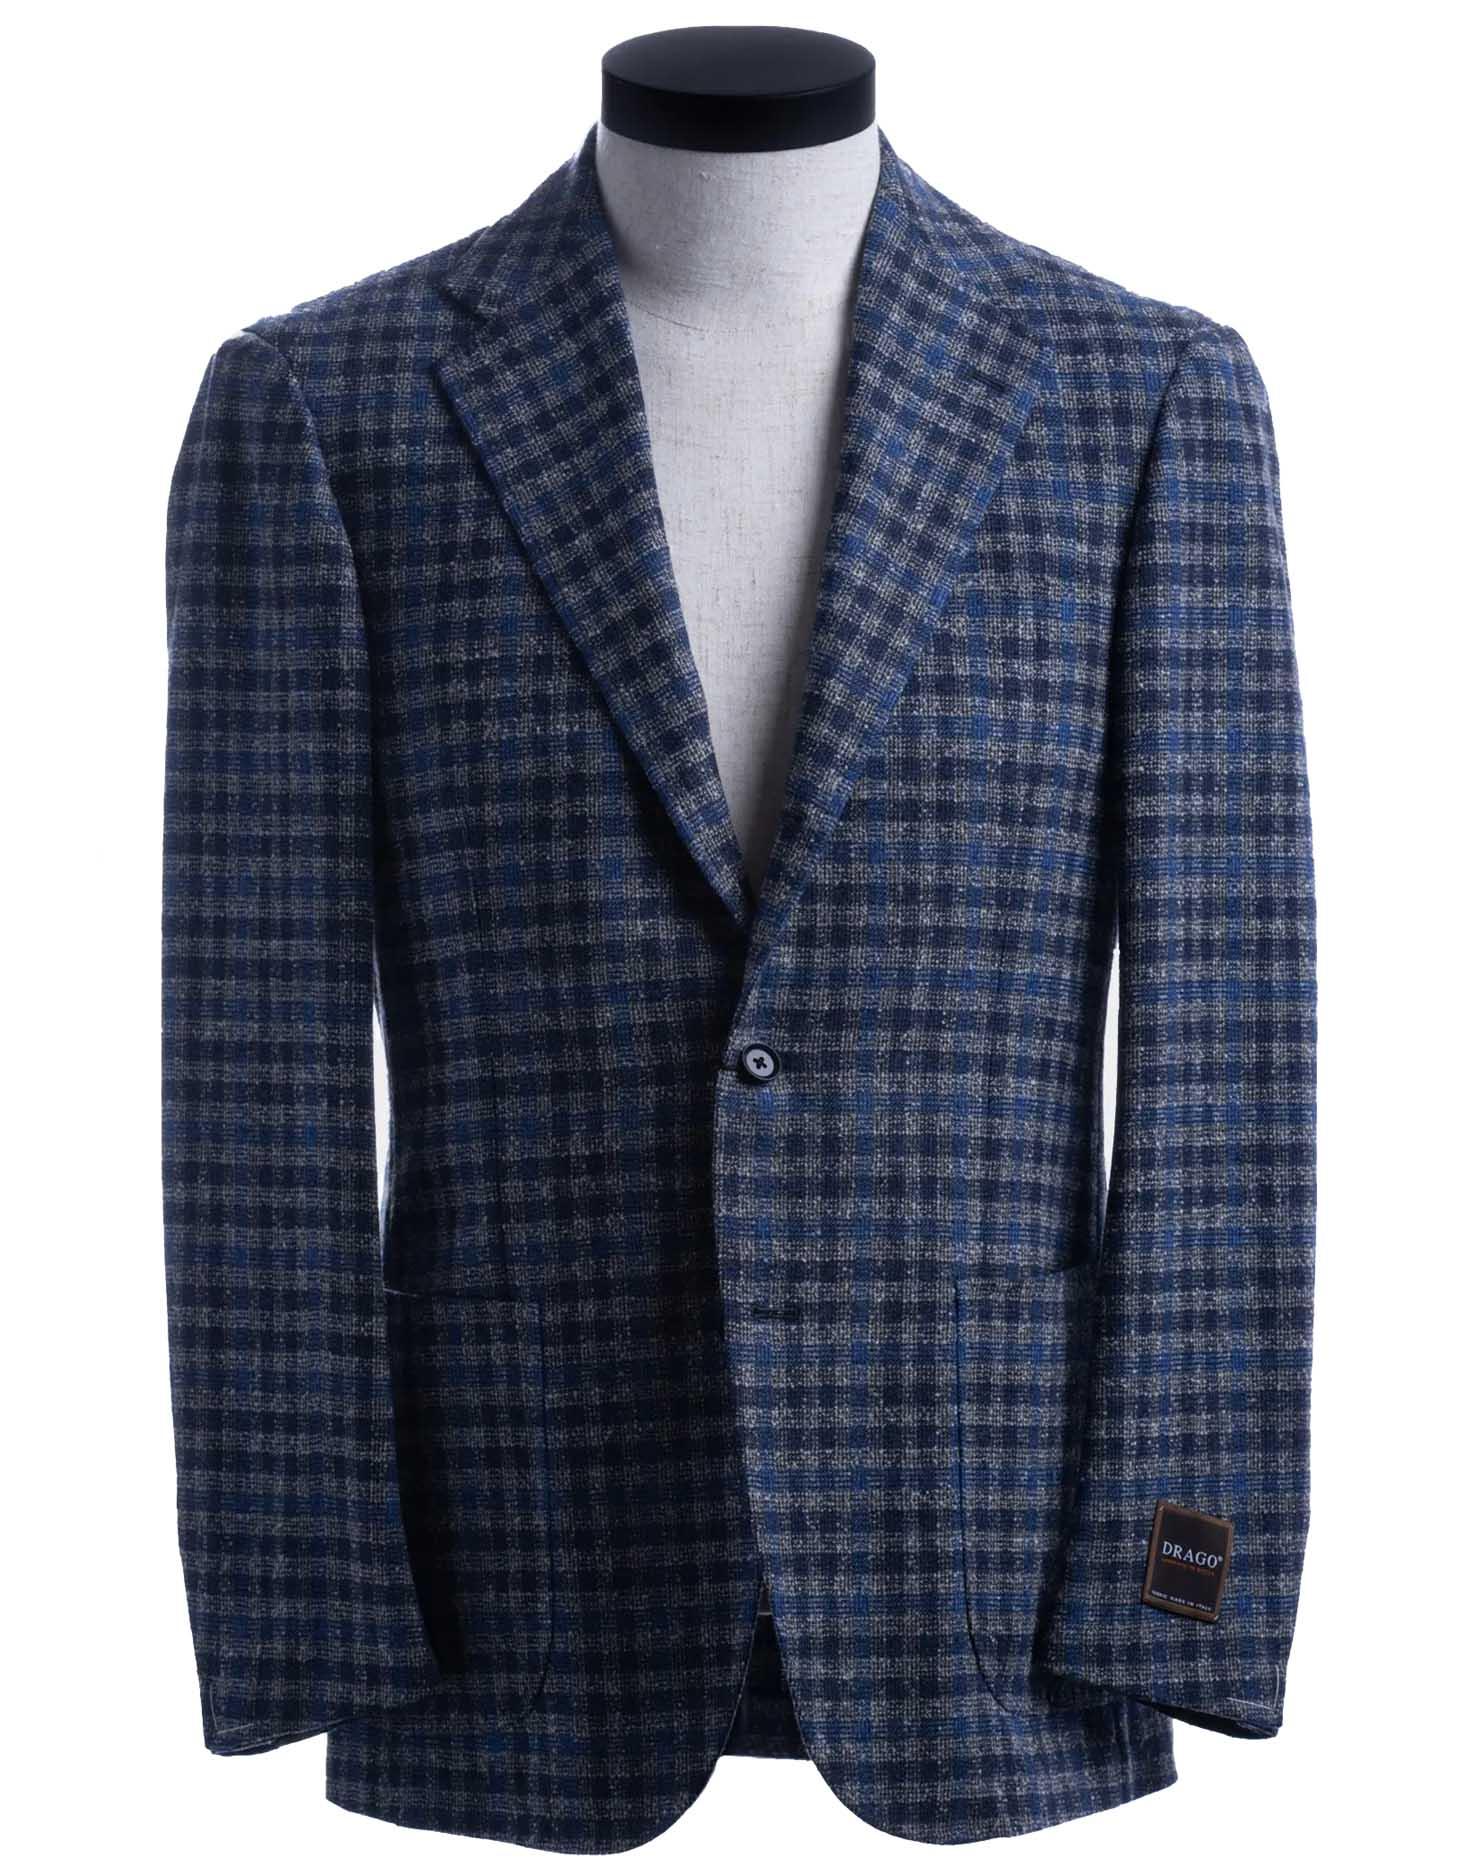 Men's Suits in Lubbock